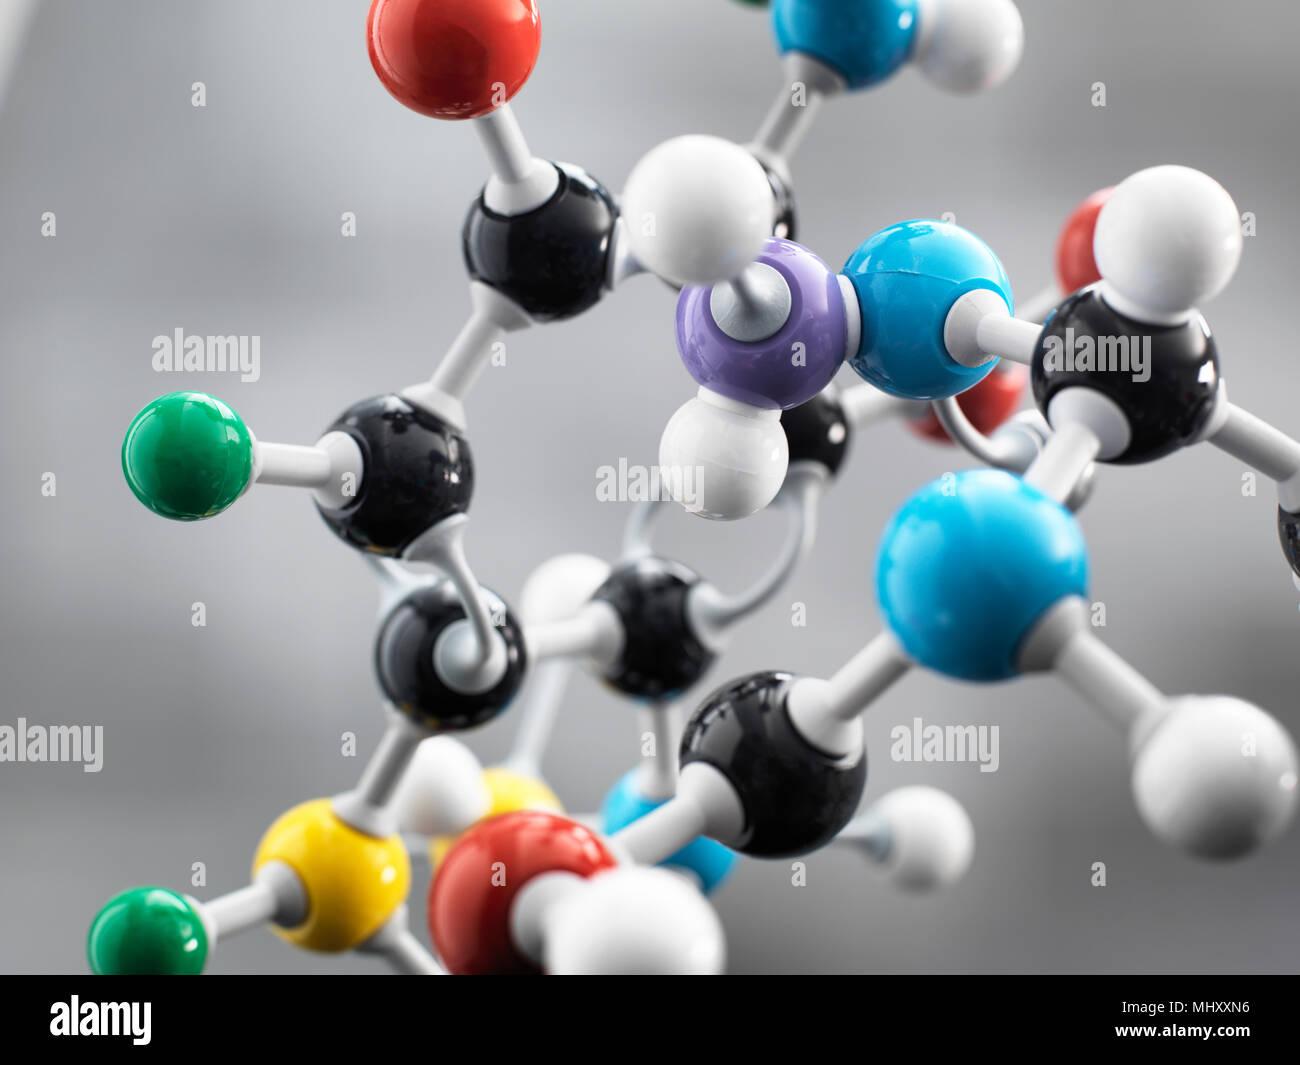 Ancora la vita di una sfera e stick modello illustrante una formula chimica utilizzata per la ricerca Immagini Stock